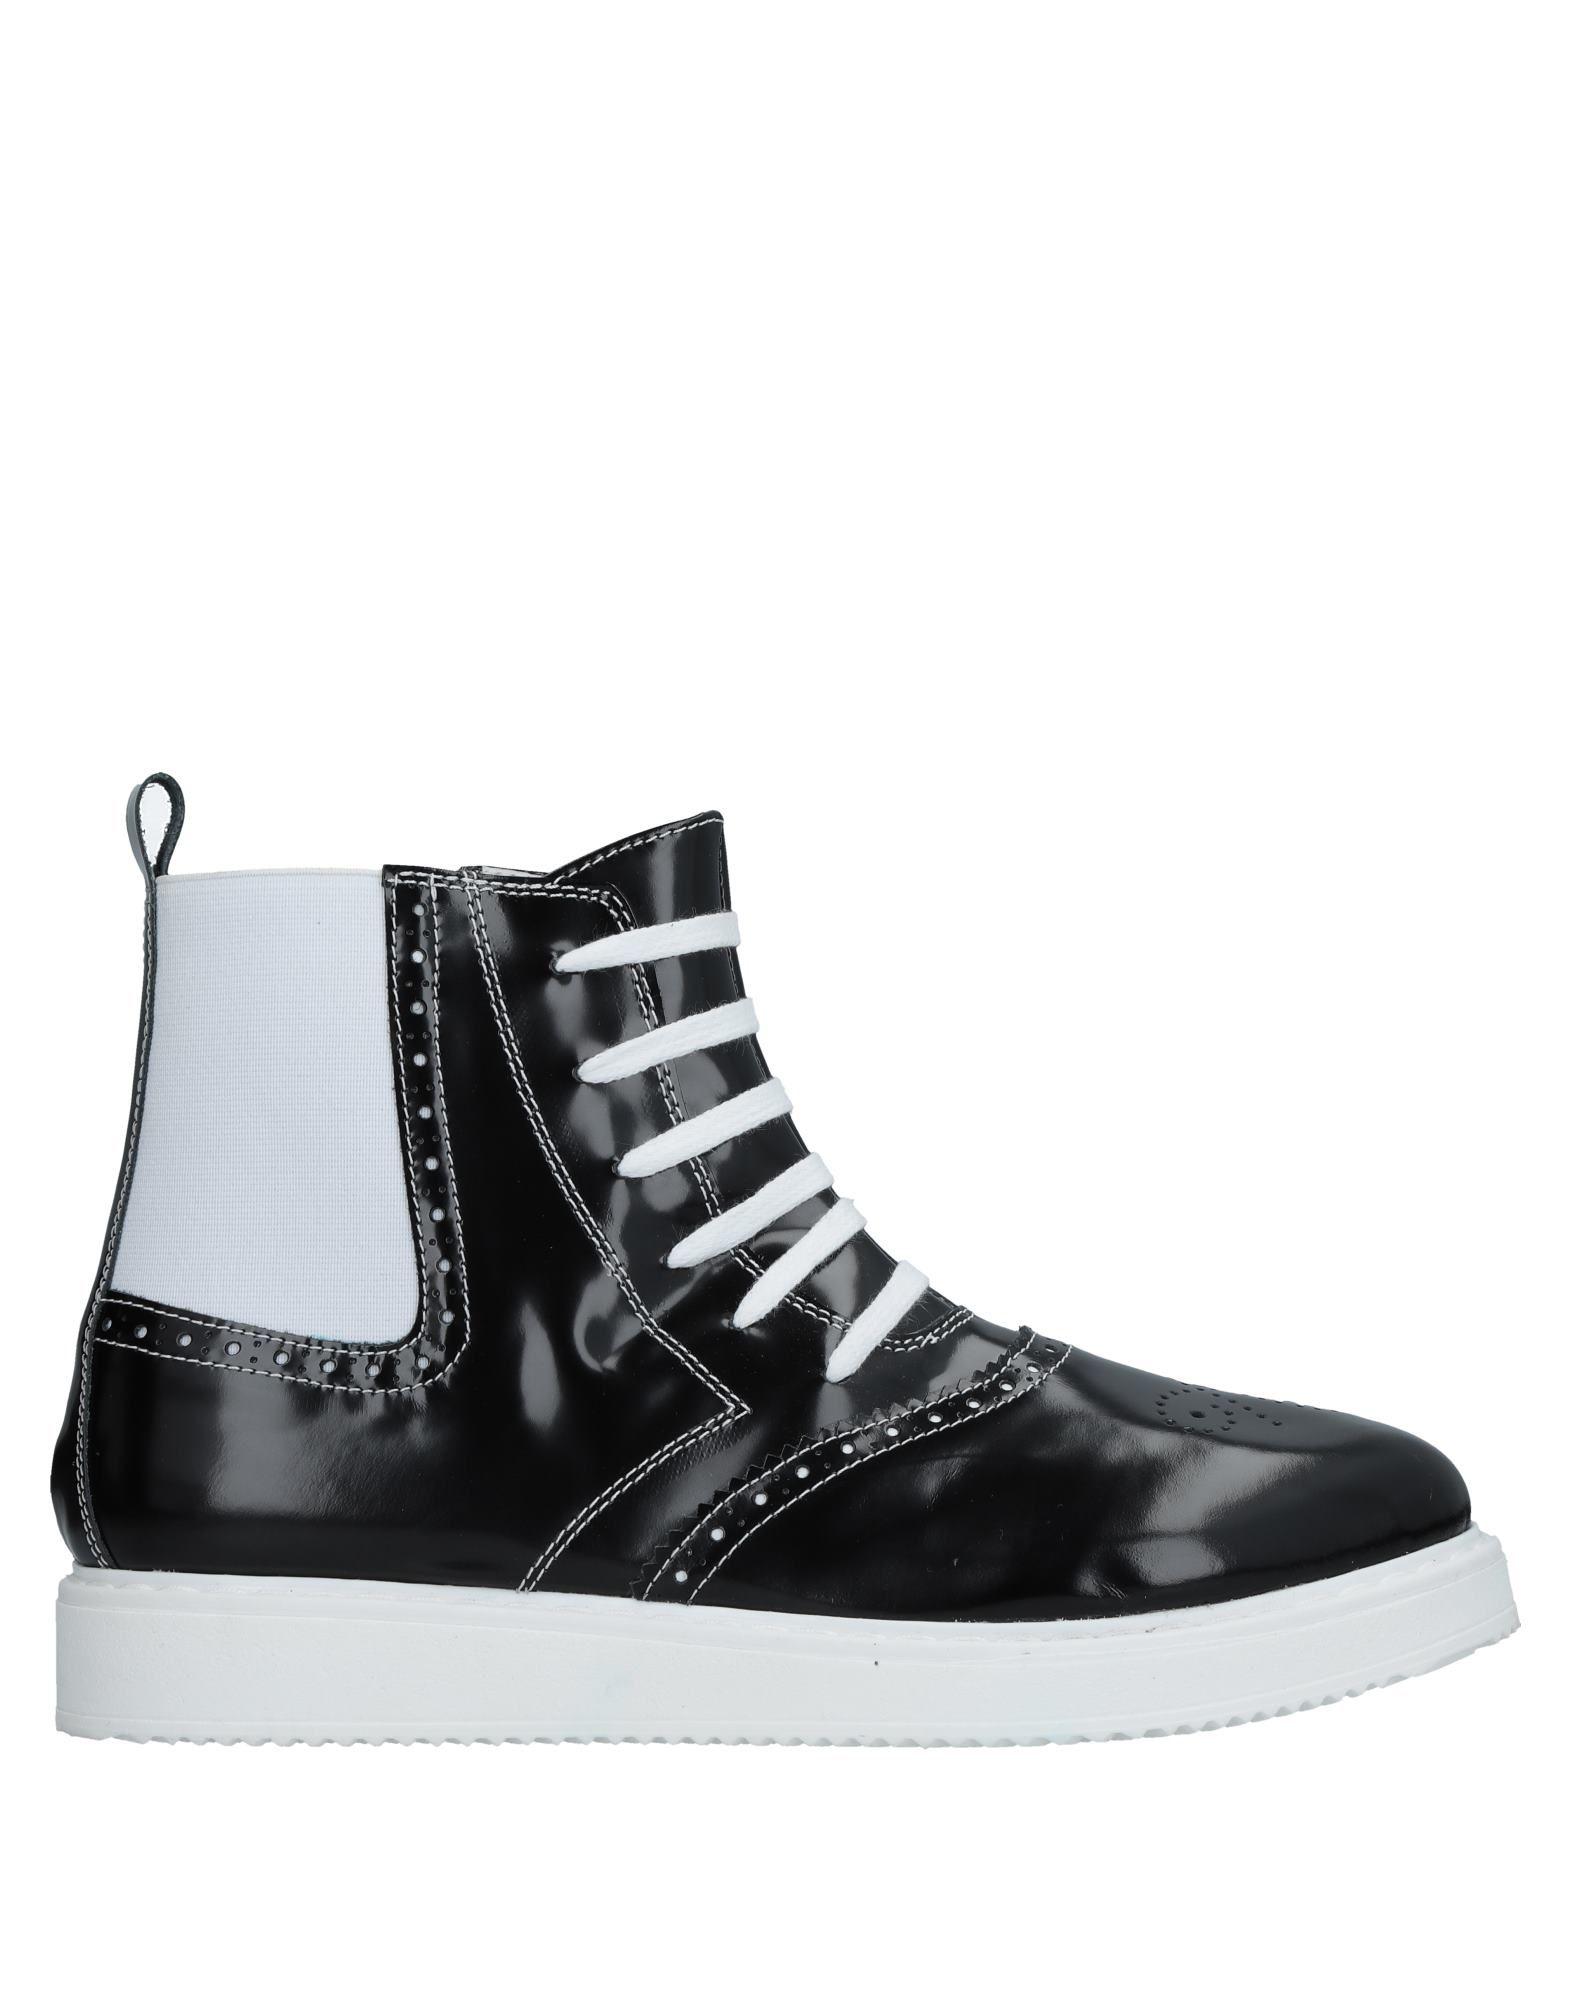 Moda barata y hermosa Zapatillas Twin-Set Zapatillas Simona Barbieri Mujer - Zapatillas Twin-Set Twin-Set Simona Barbieri  Negro cc3dbe